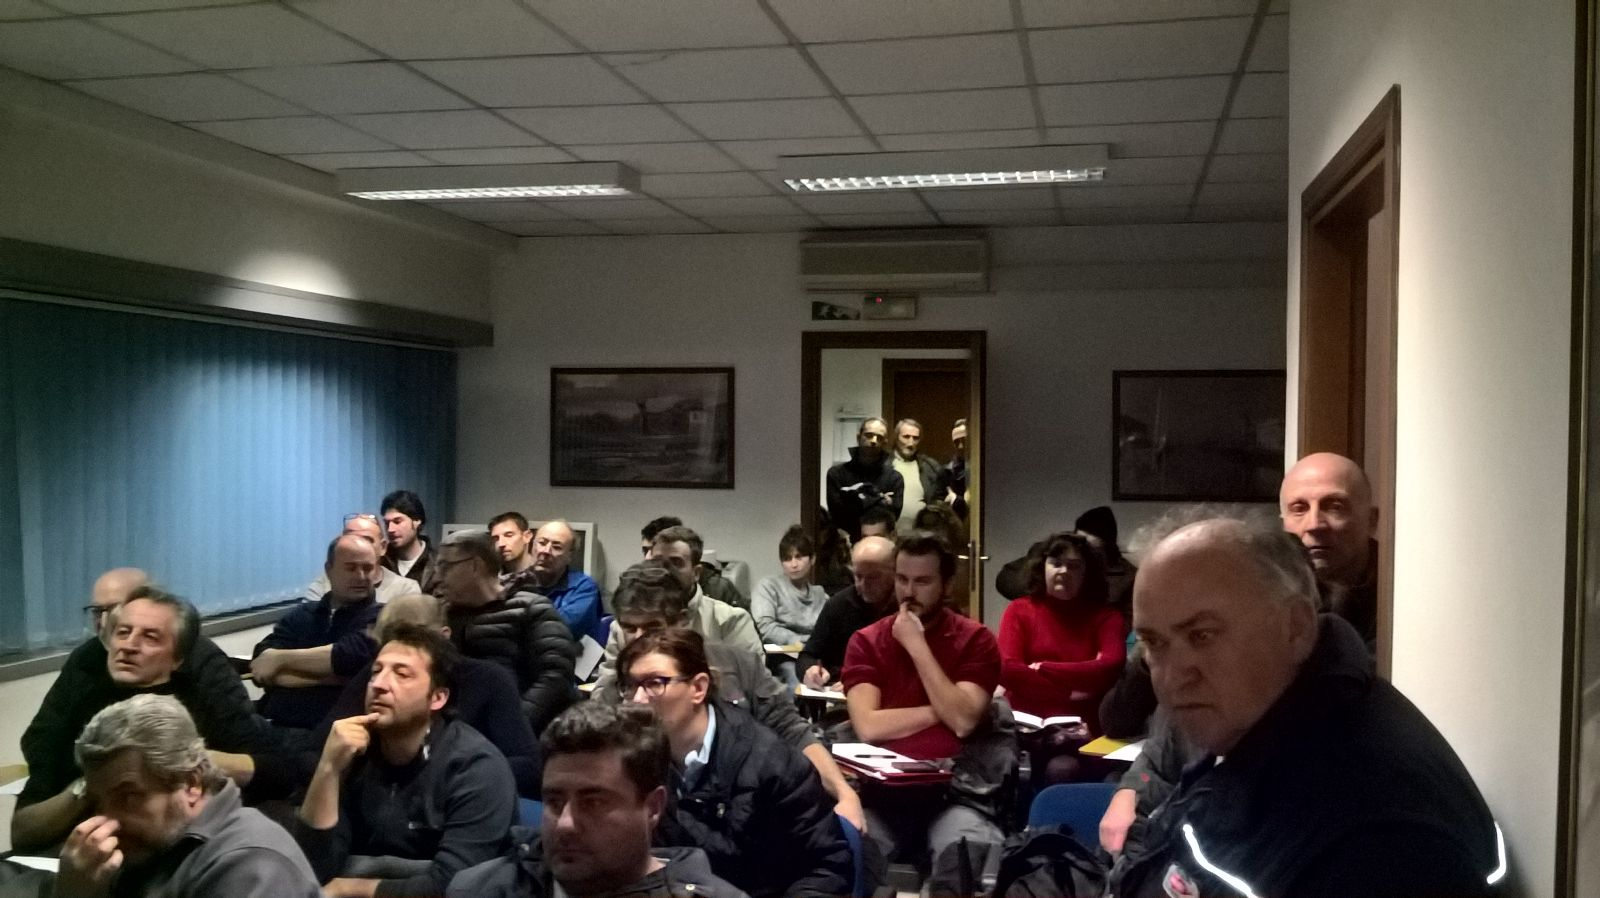 Riunione aziende impianti termici con SEVAS a Viareggio